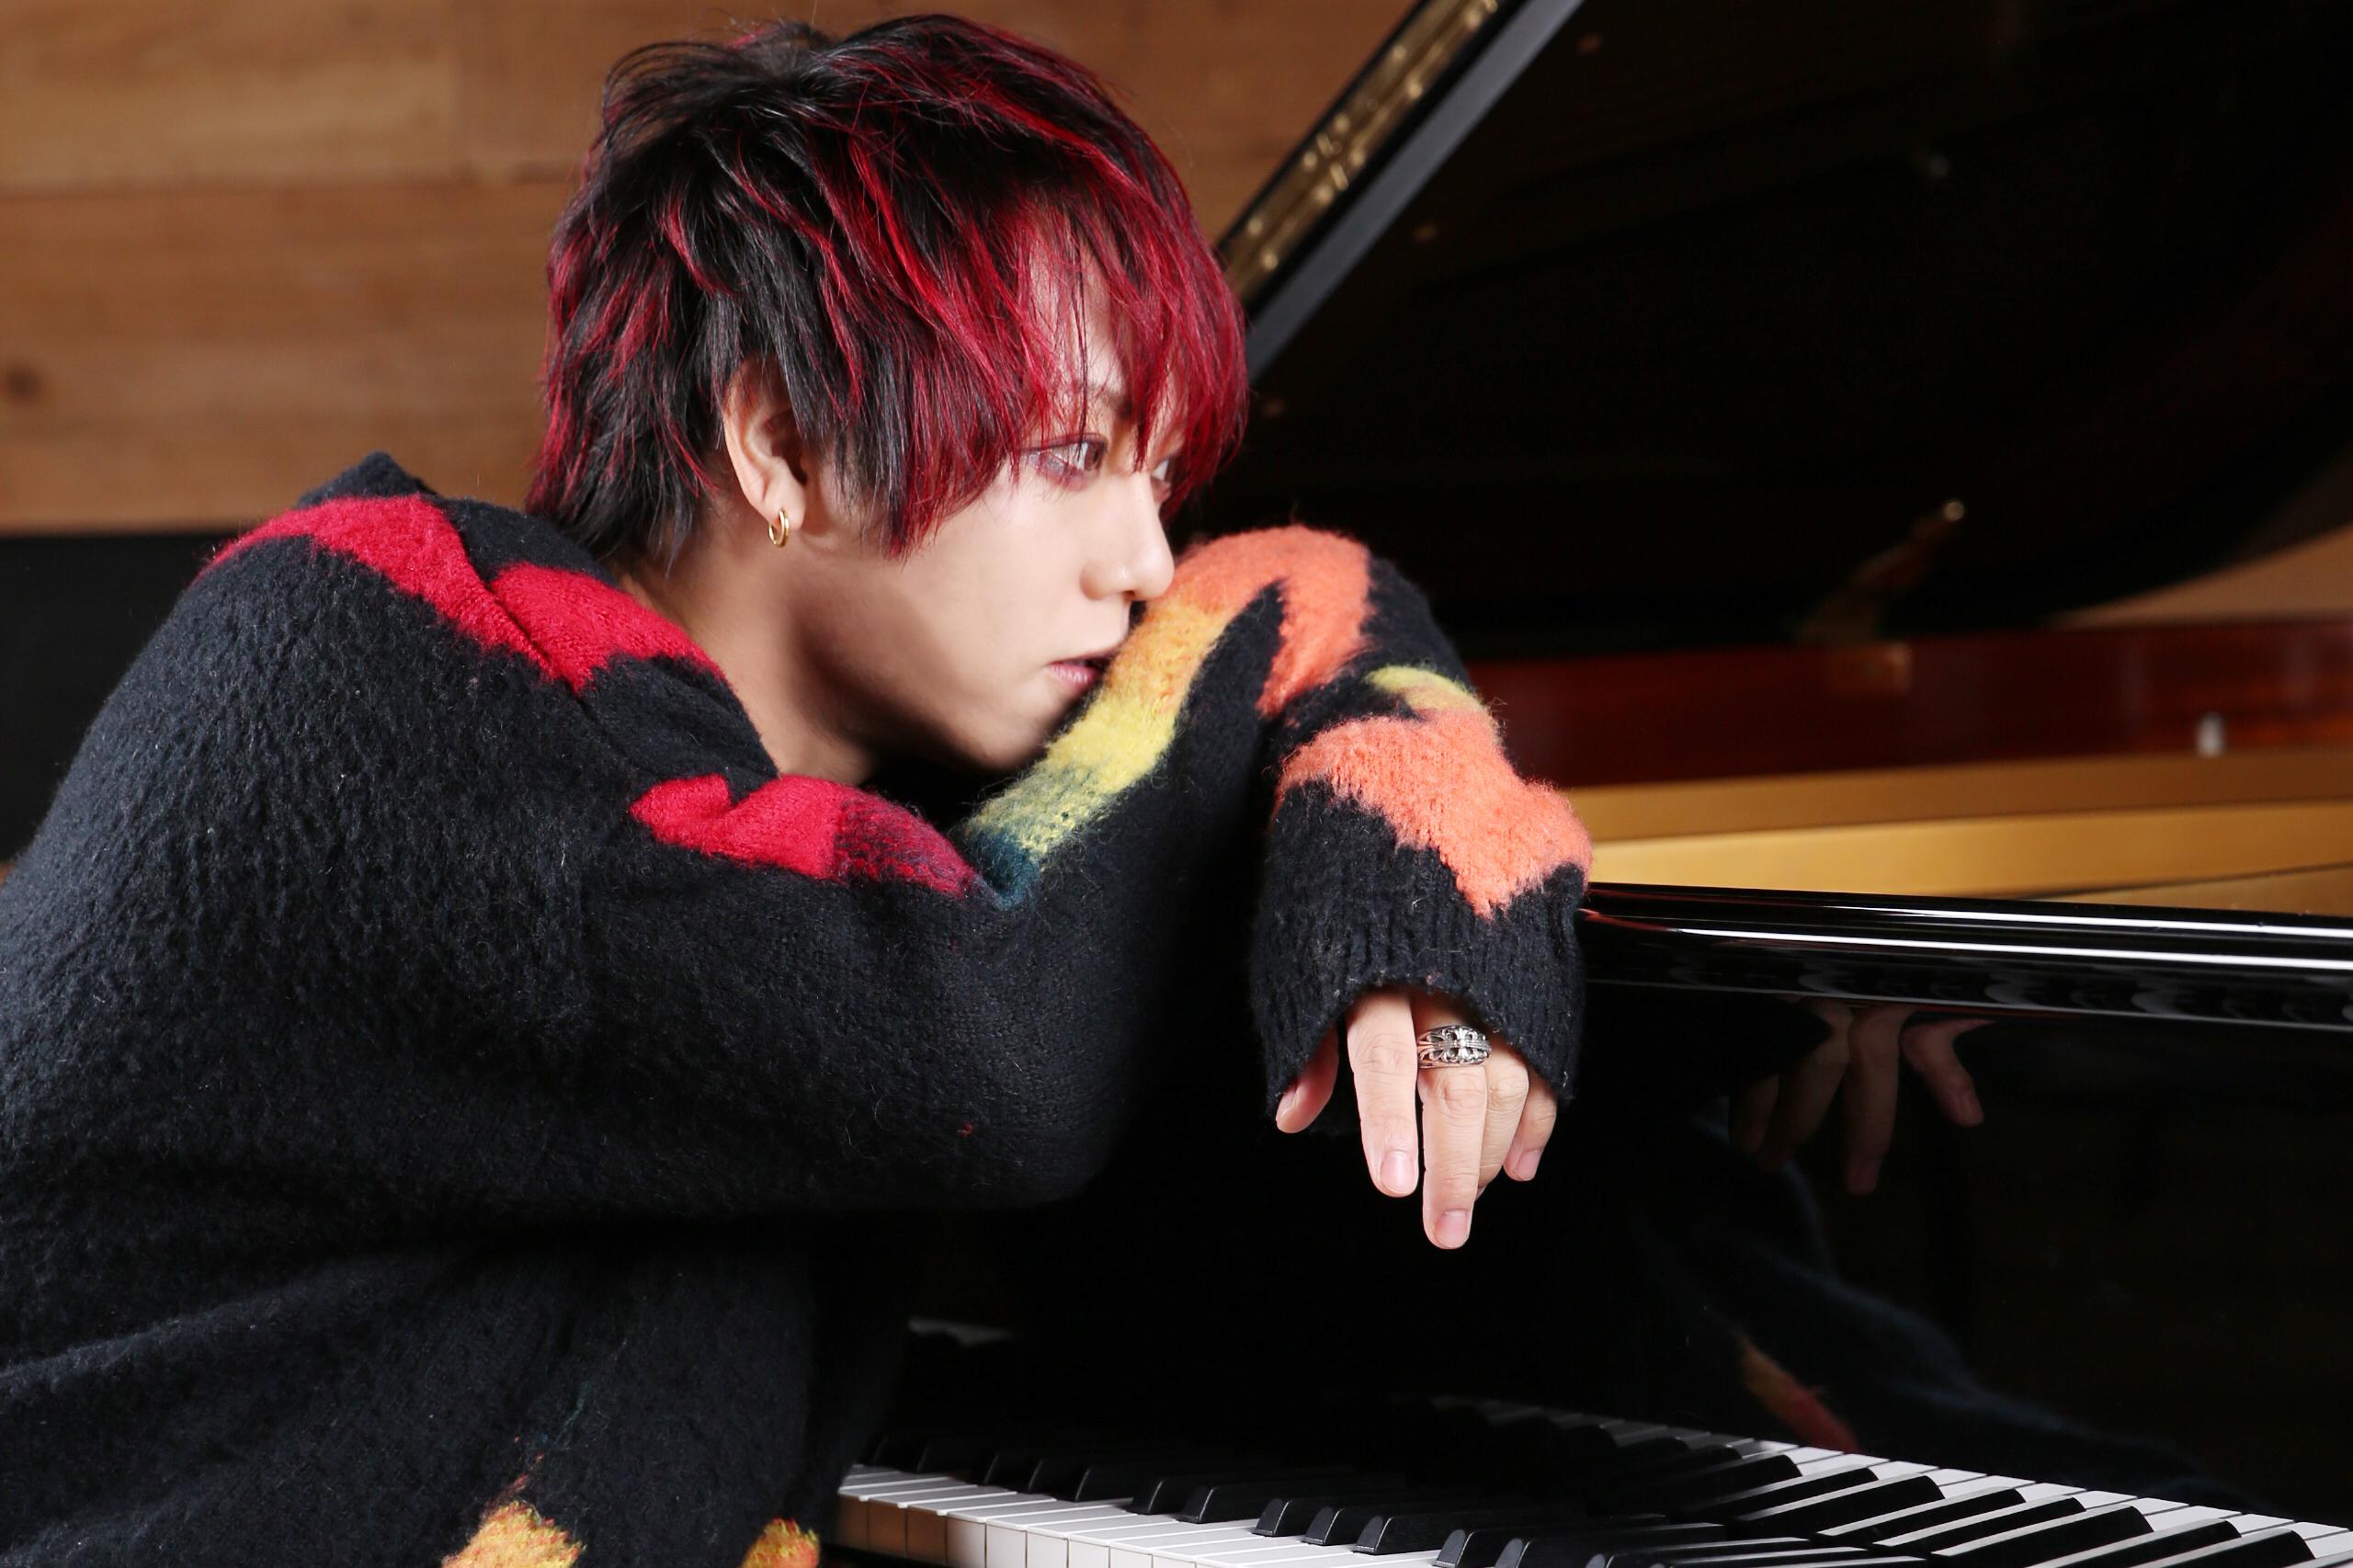 【ピアニスト tatsuya】自身初となるピアノソロミニアルバム【産命~Inochi~】を少しでもたくさんの方に聴いていただきたい!応援サポーター大募集キャンペーン!!